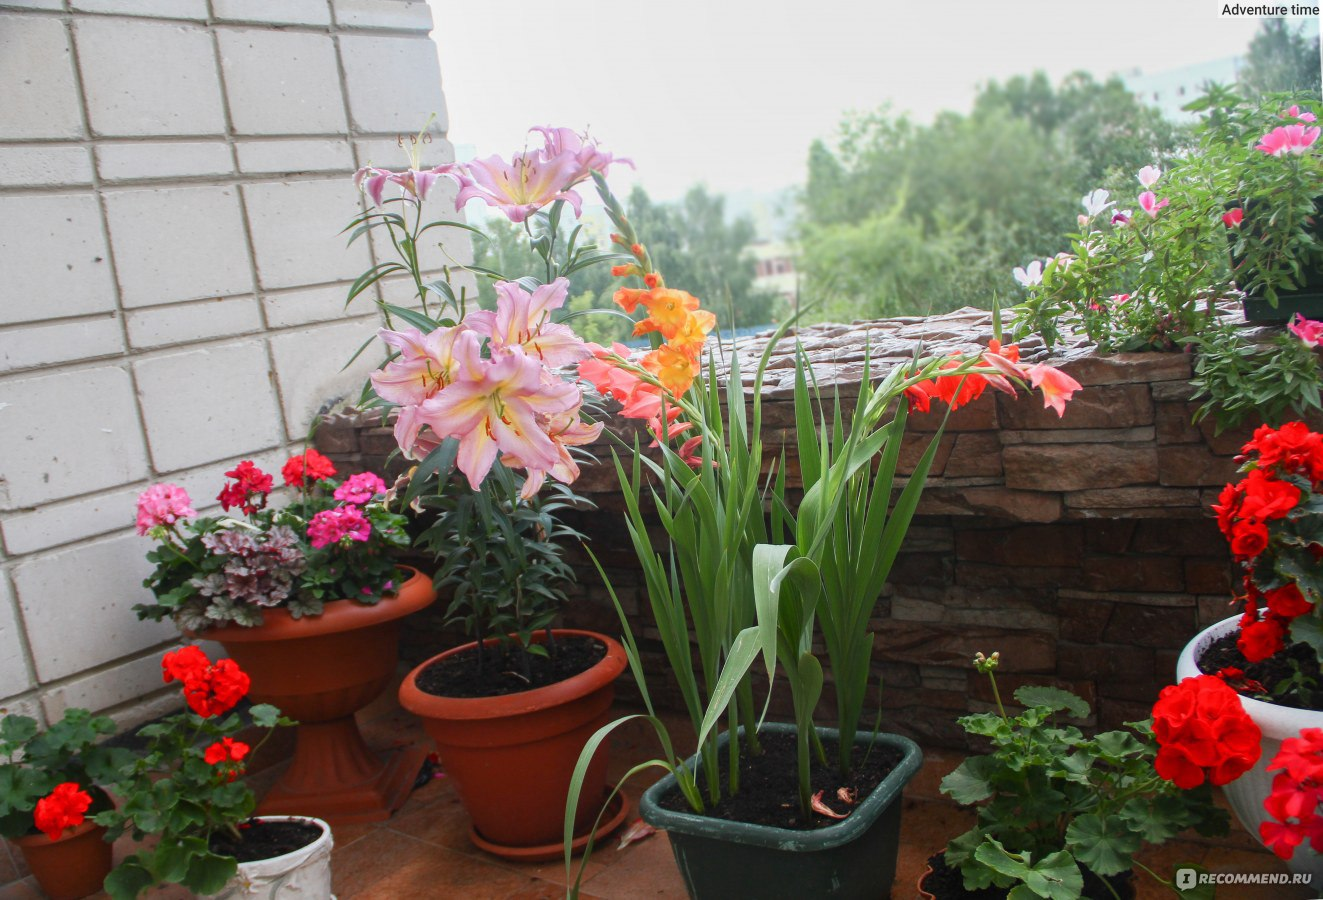 Когда сажать гладиолусы и лилии - Дачный Форум 7